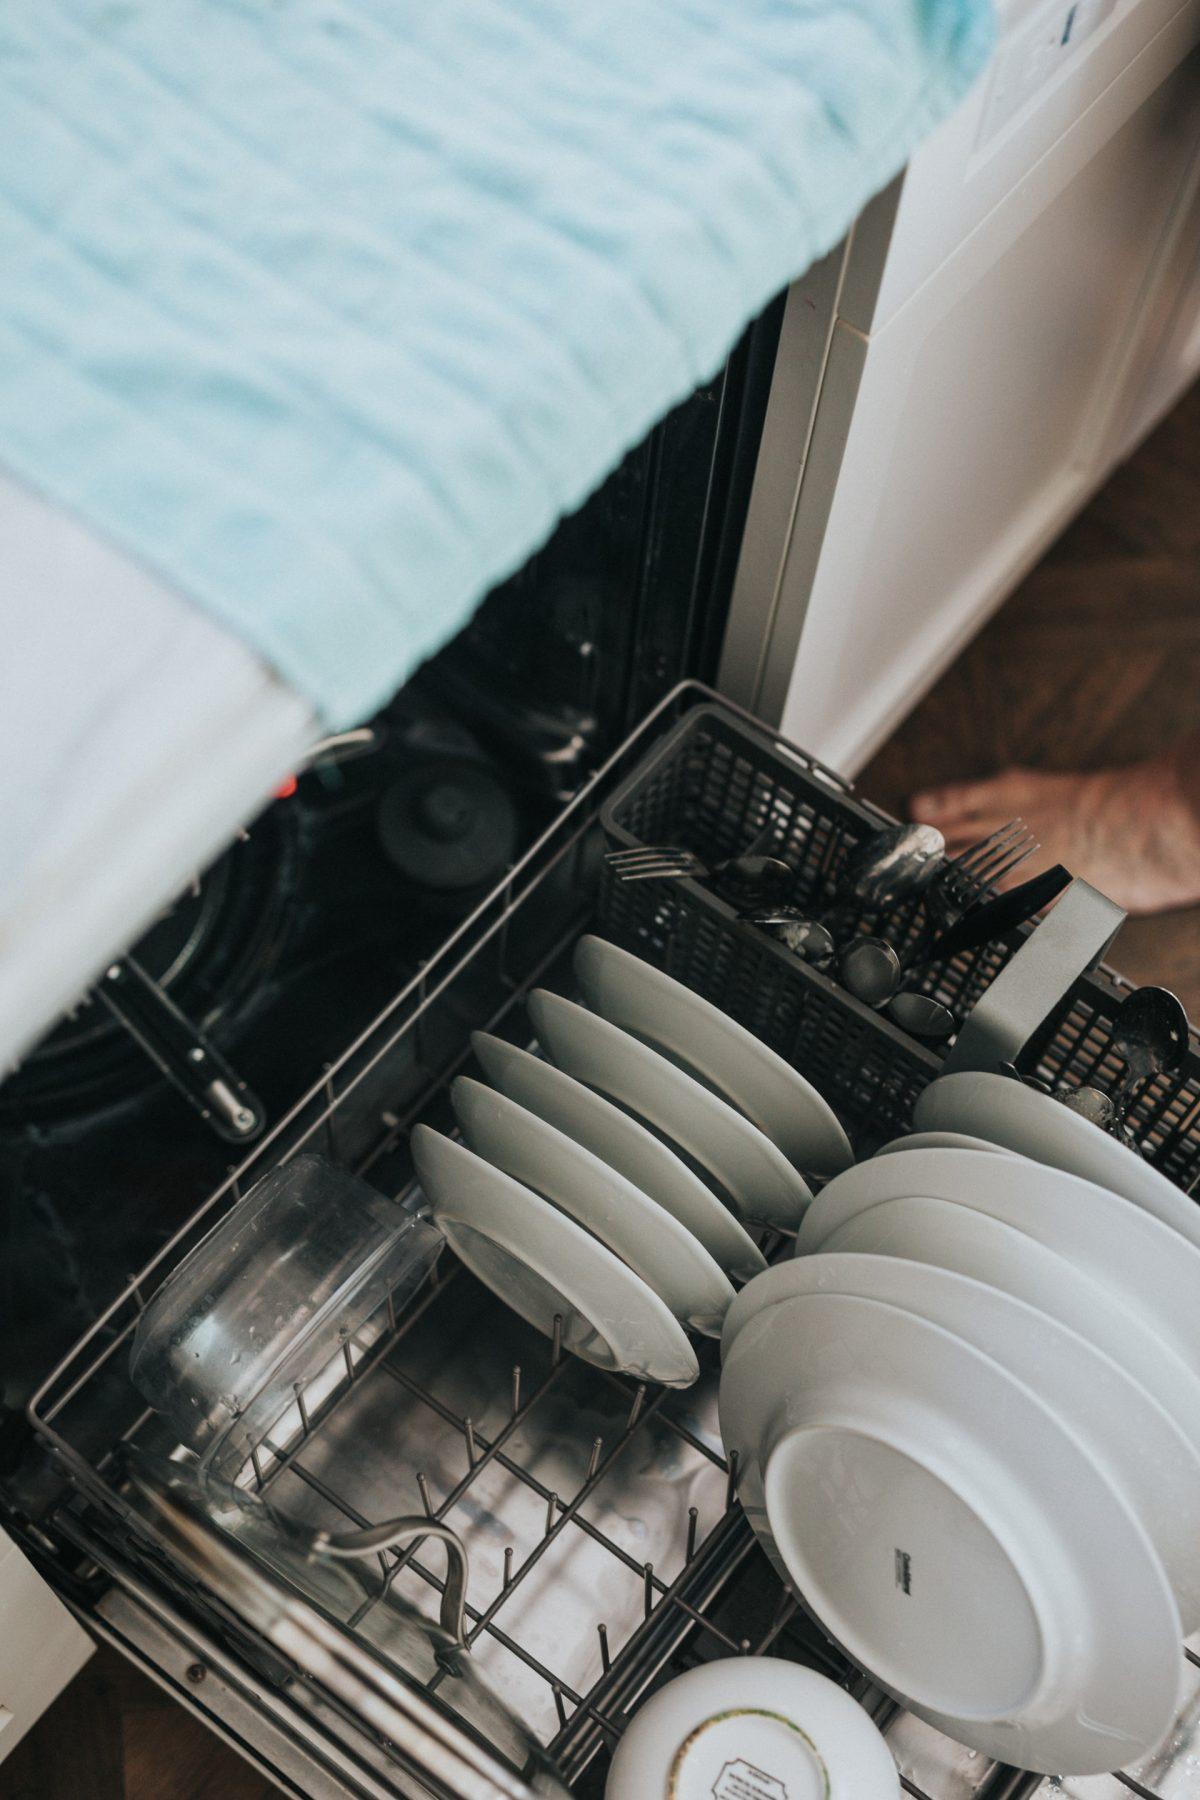 Dette skal du huske, når du skal købe ny opvaskemaskine til hjemmet